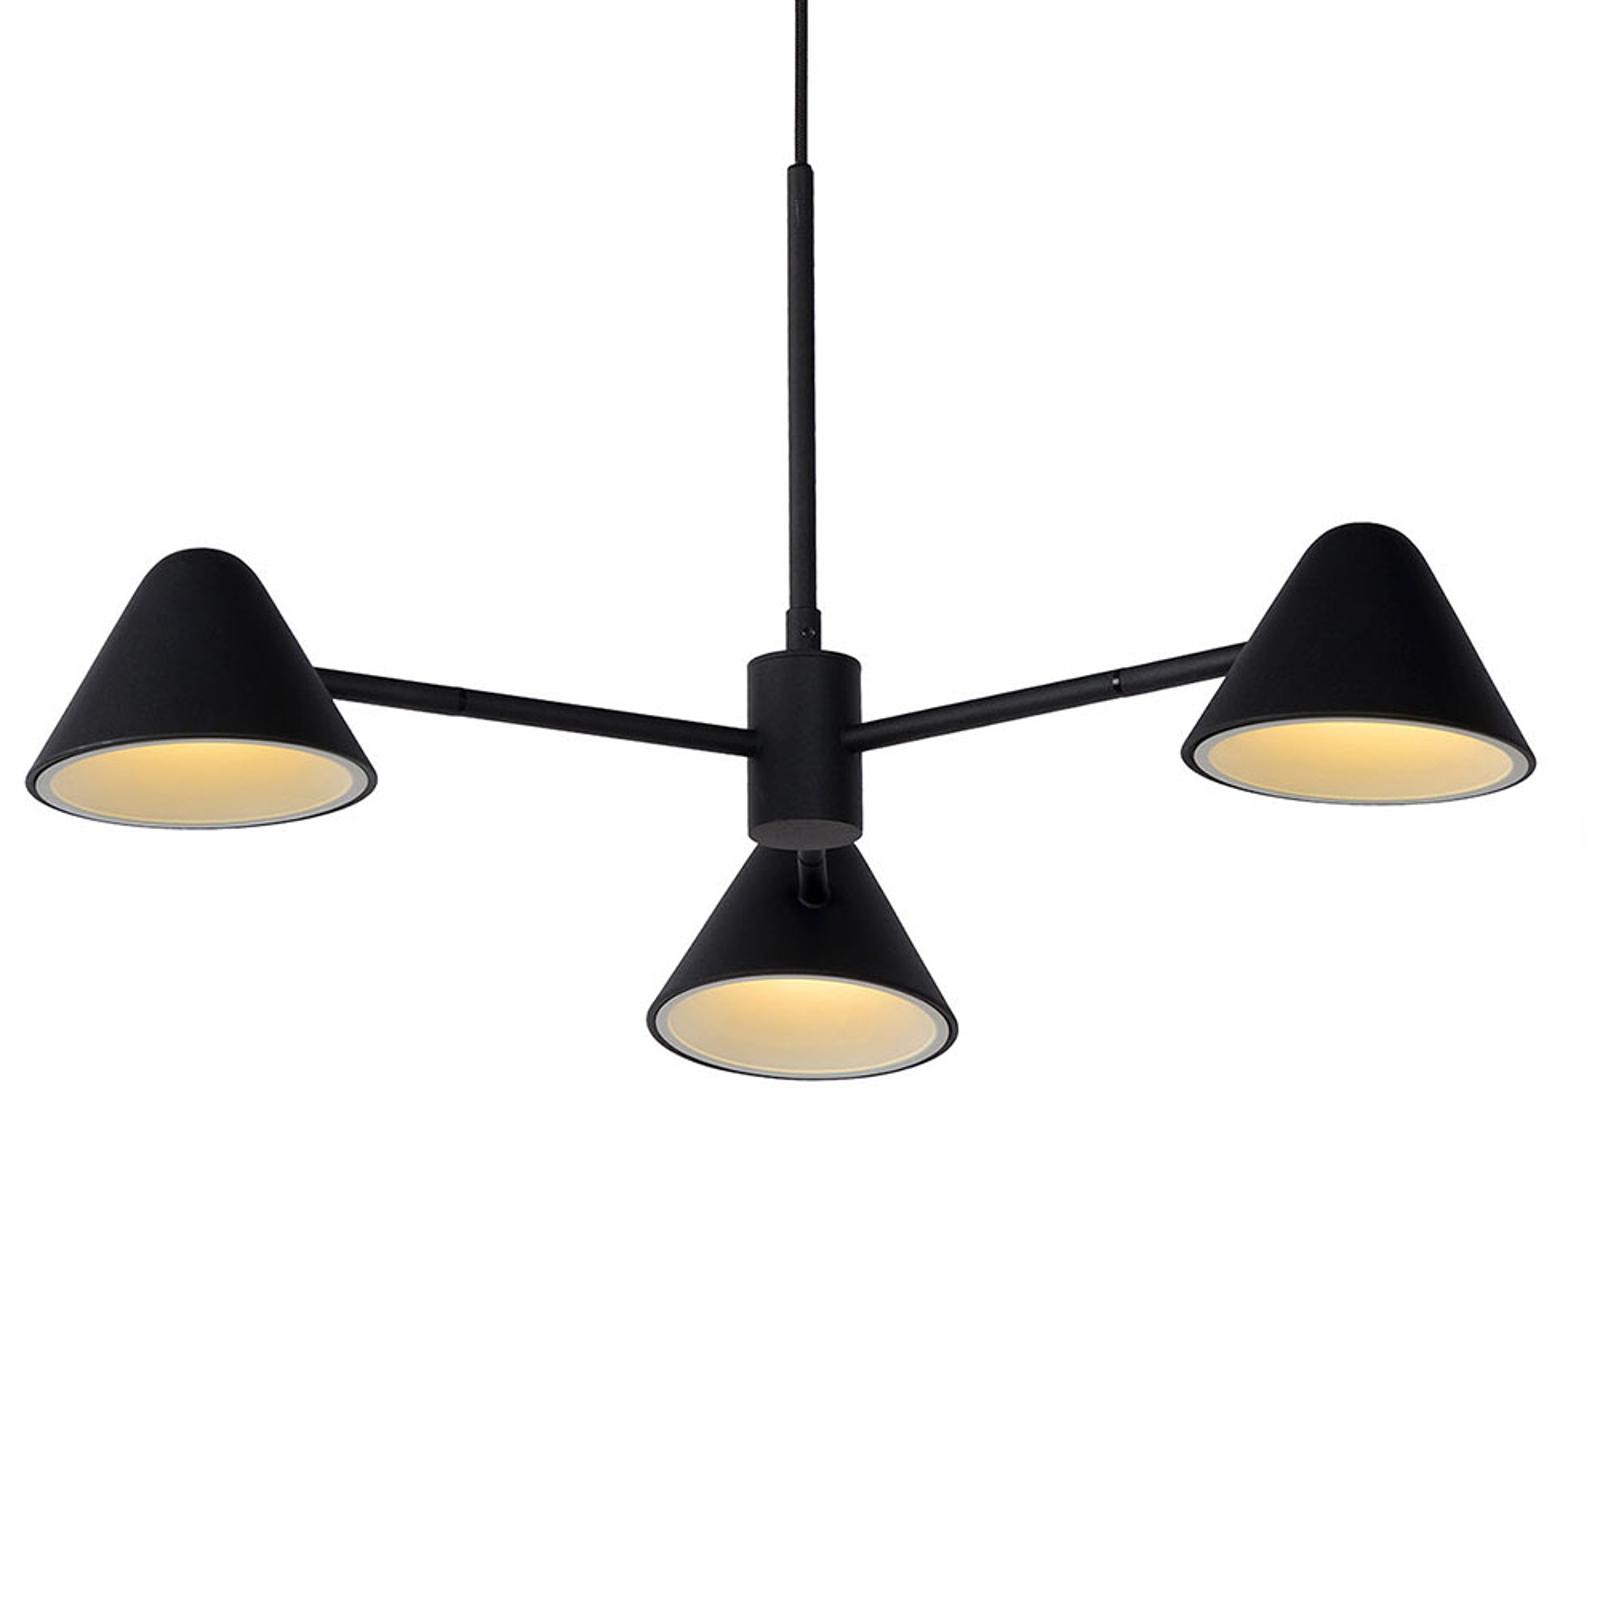 Lampa wisząca LED Devon, czarna